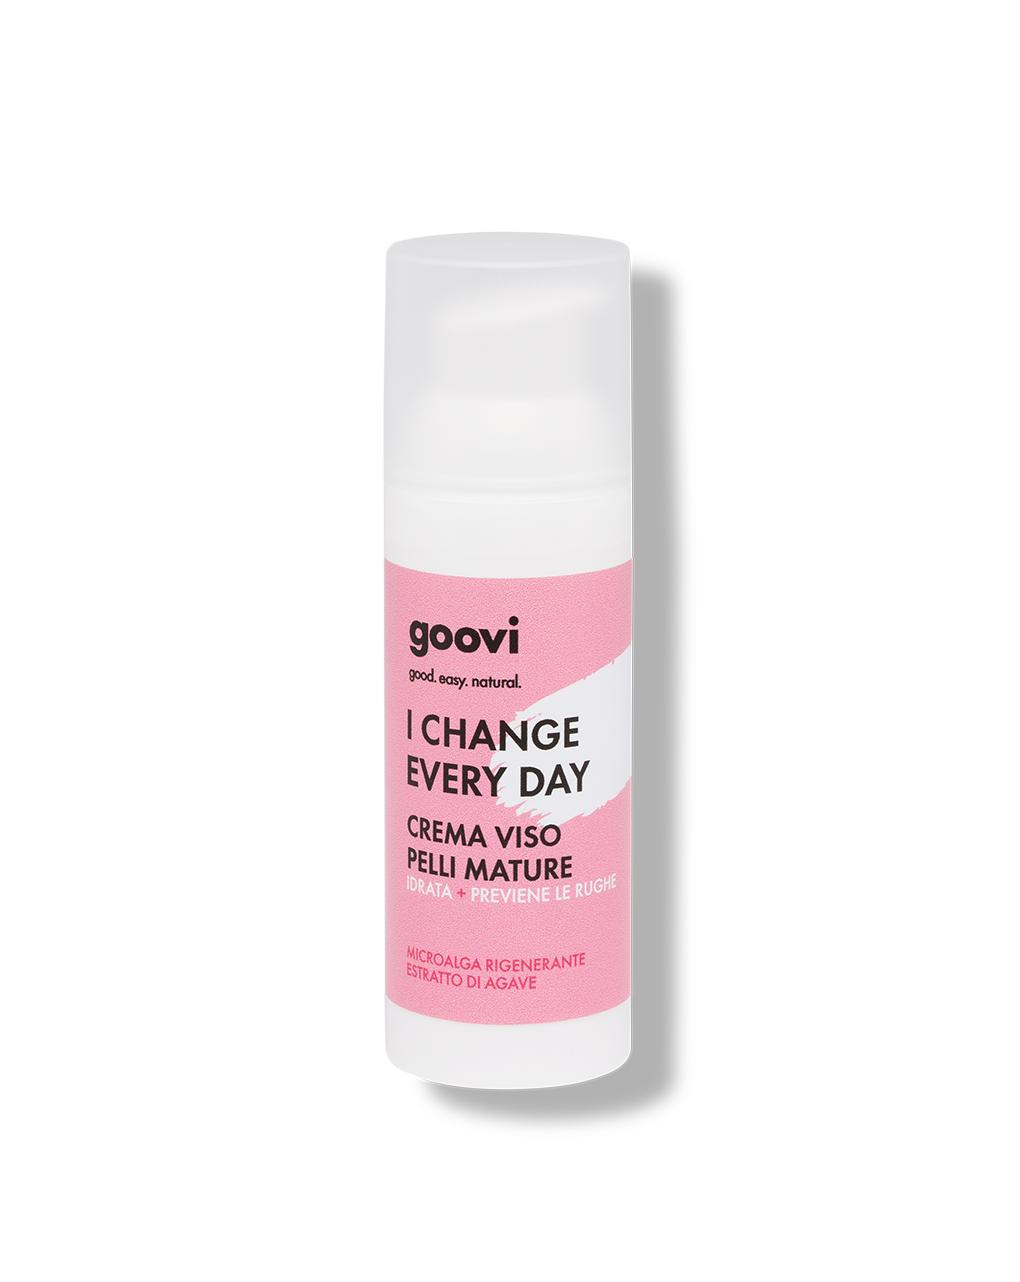 Crema viso pelli mature - 50 ml - Goovi